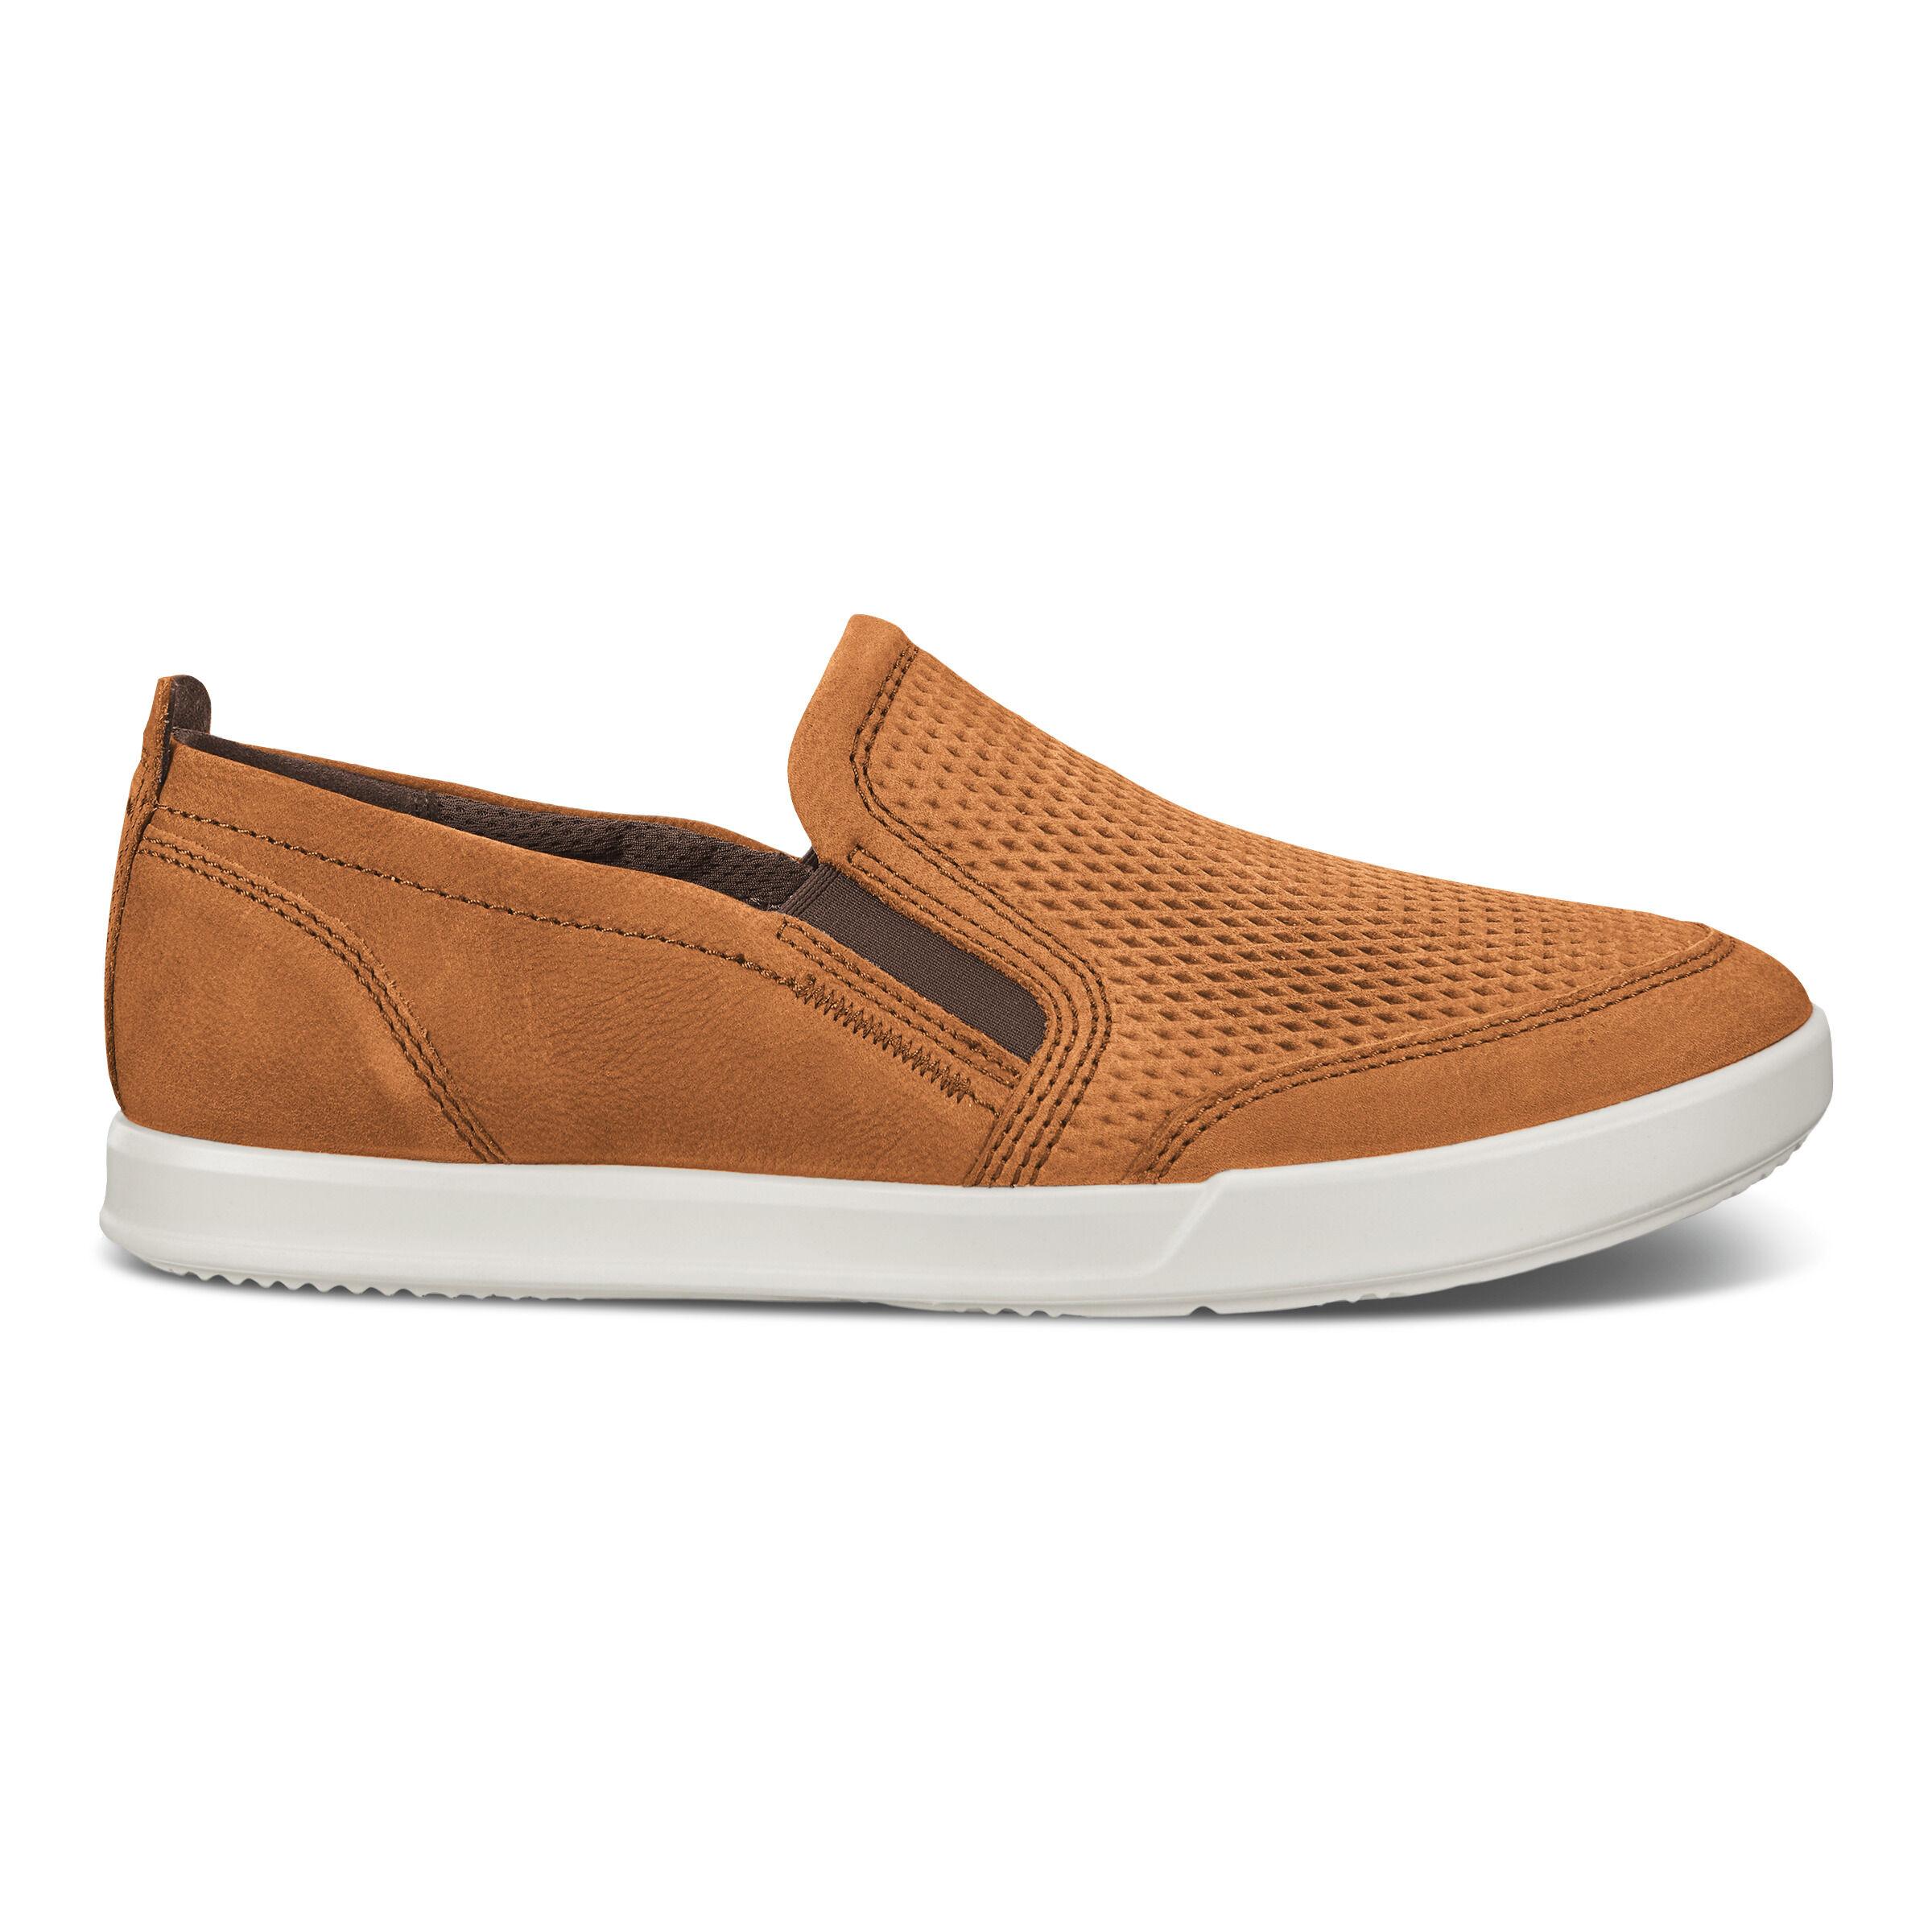 에코 ECCO Collin 2.0 Mens Shoes,camel